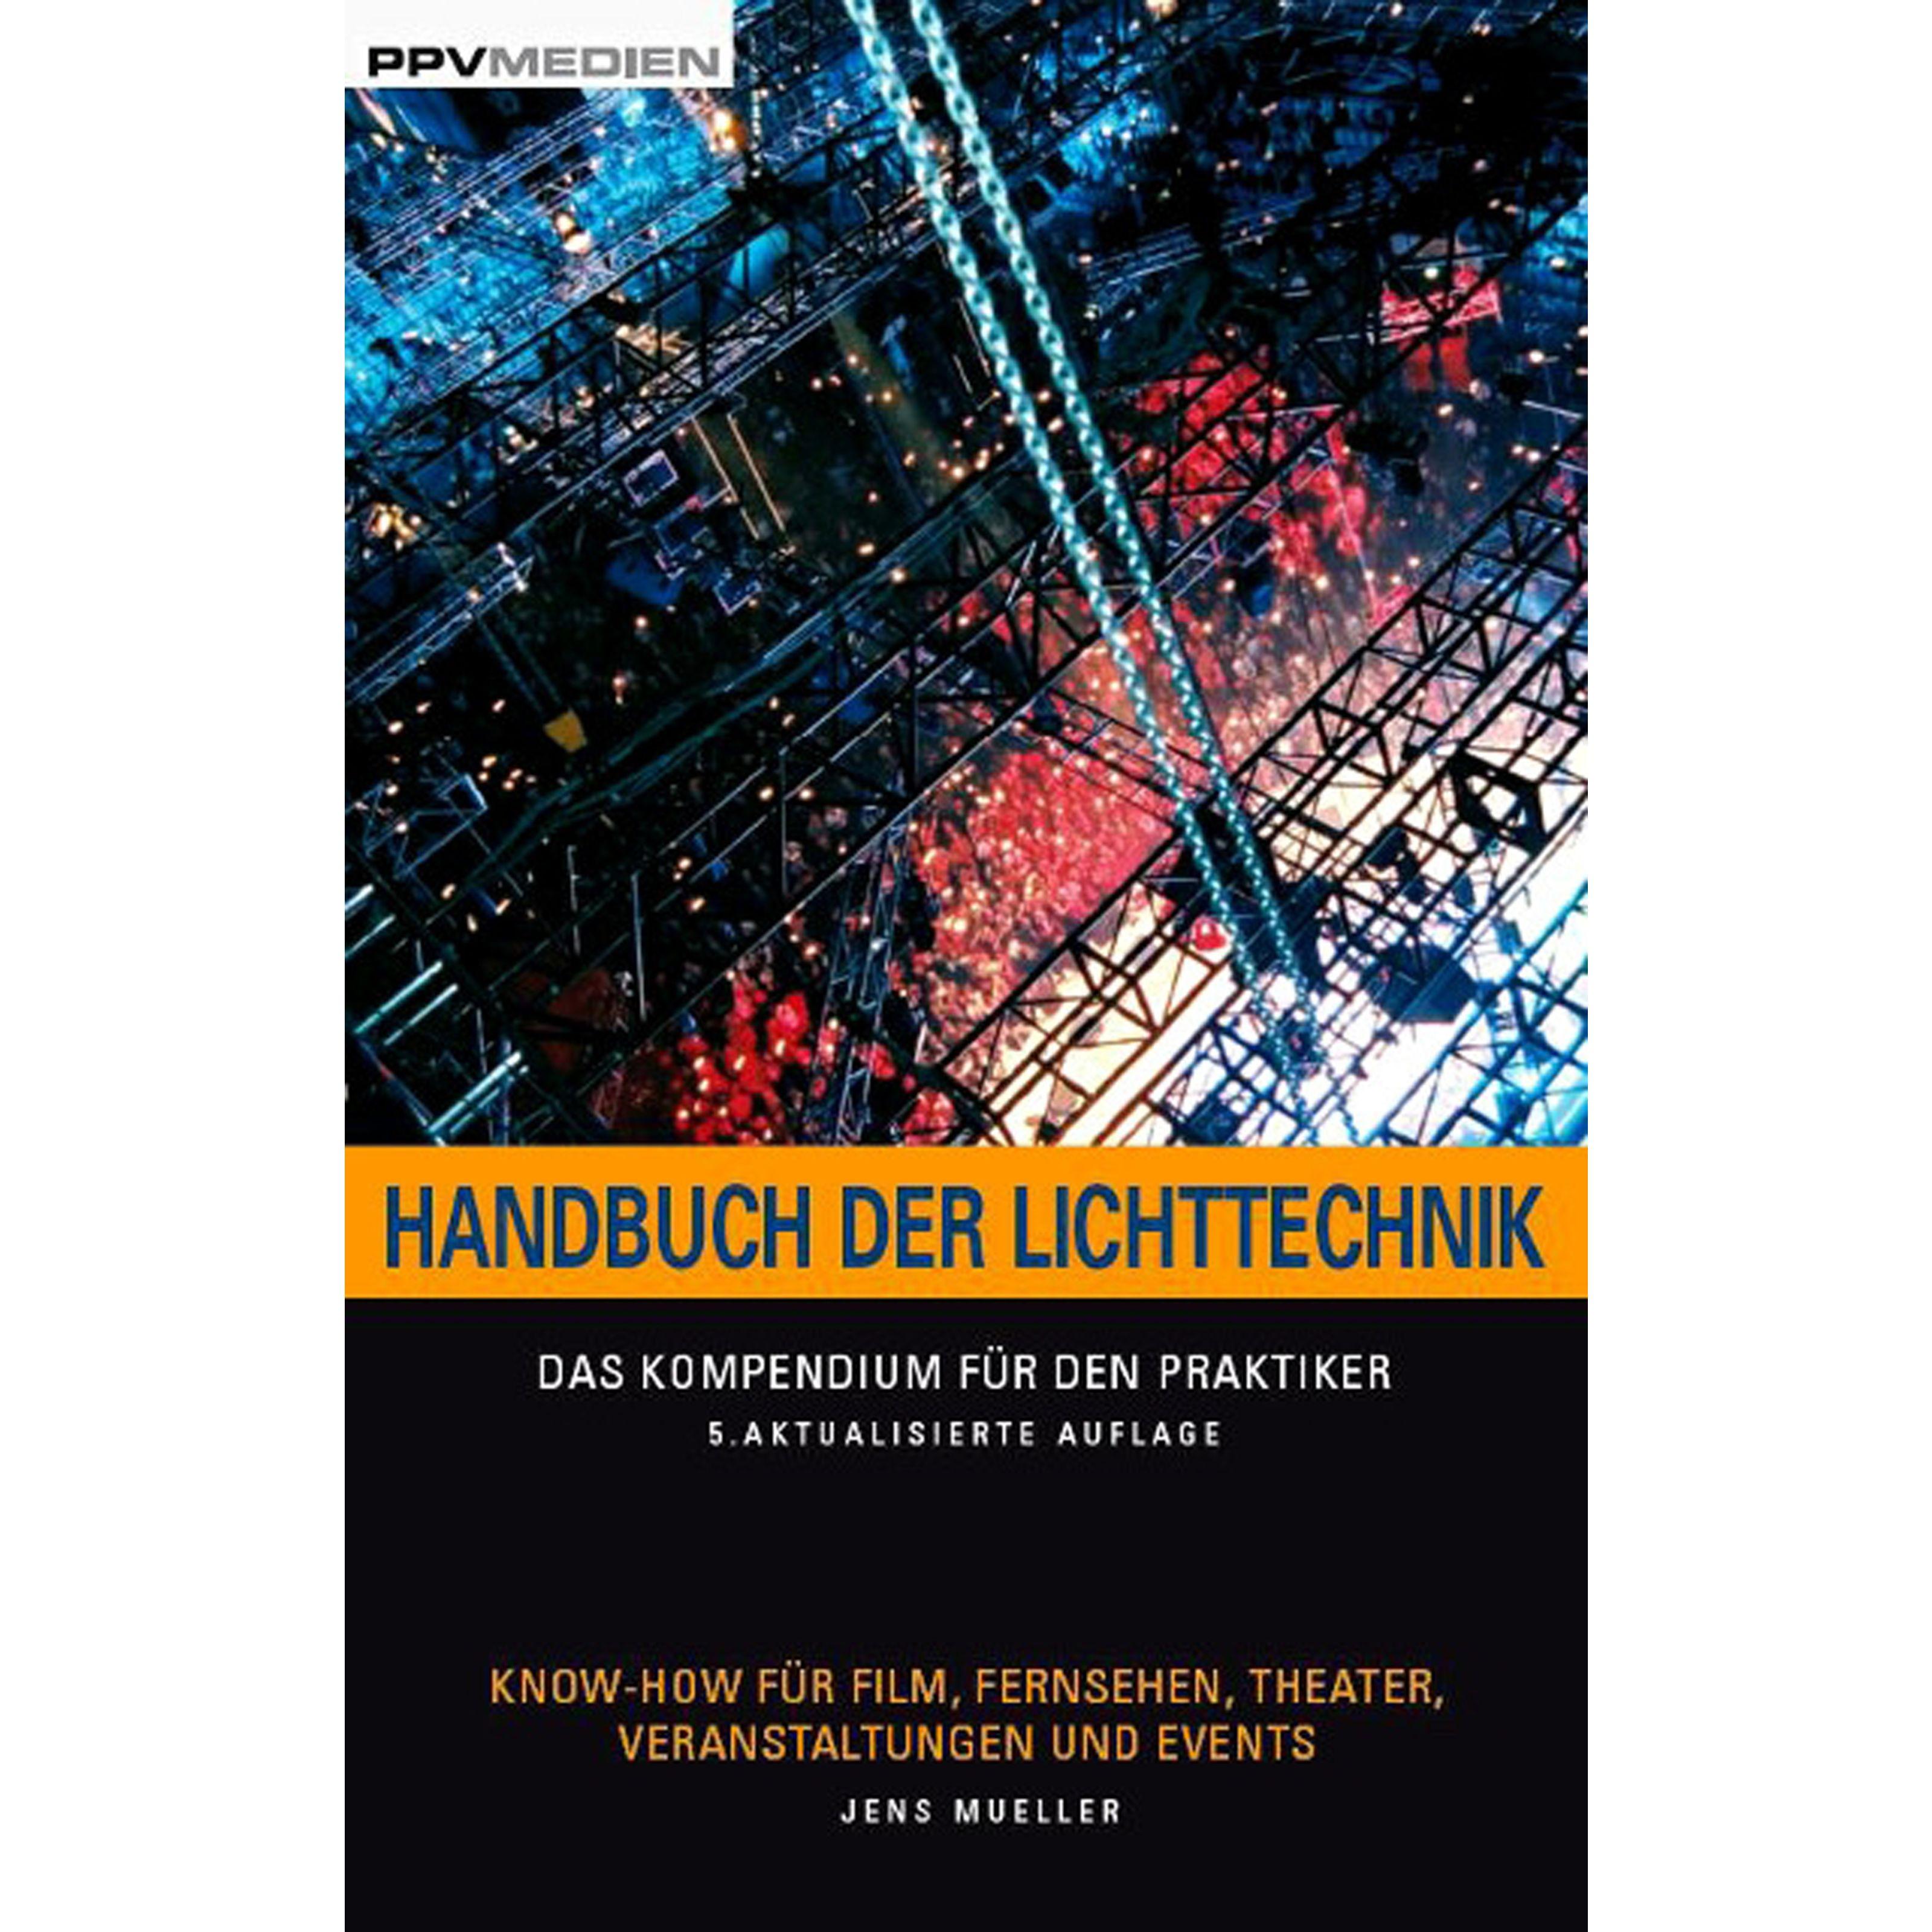 PPV Medien - Handbuch der Lichttechnik Jens Mueller 20047284